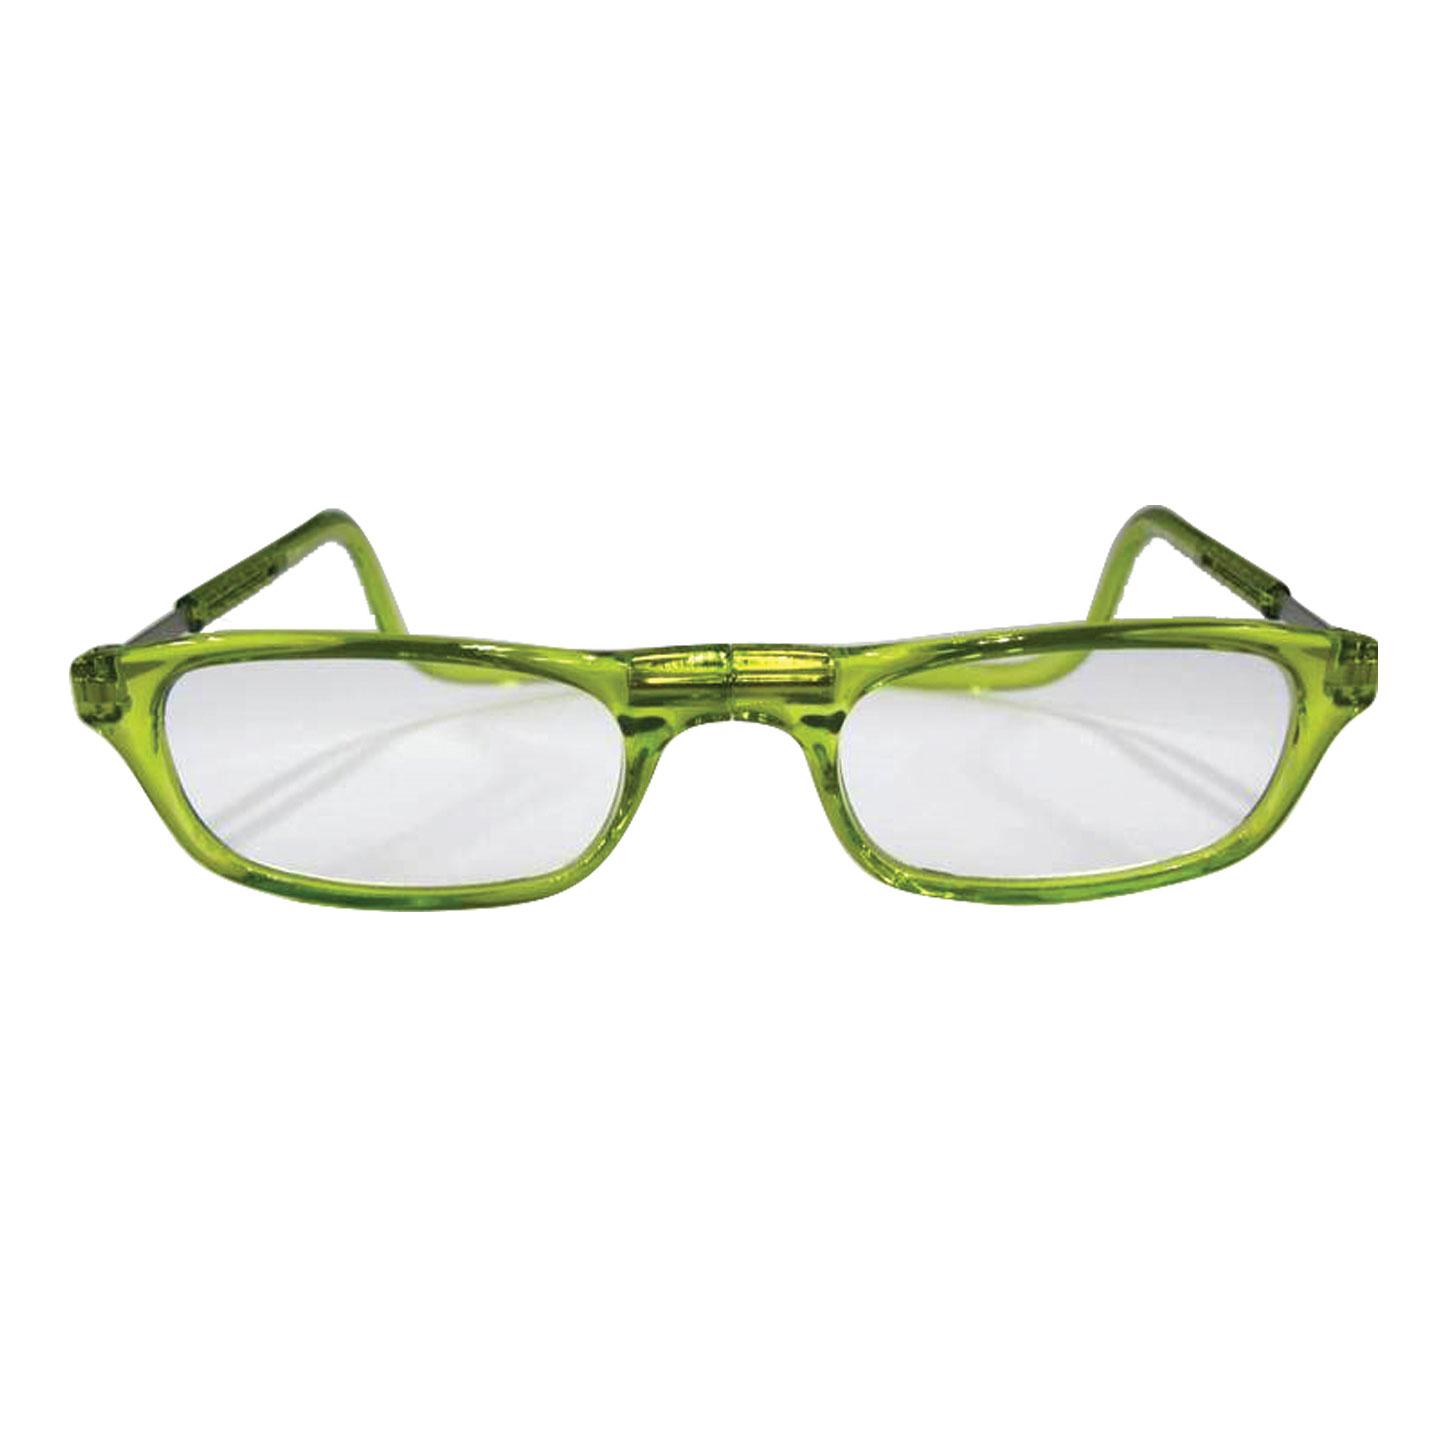 Lunettes de lecture CLiC – Lemon Lime